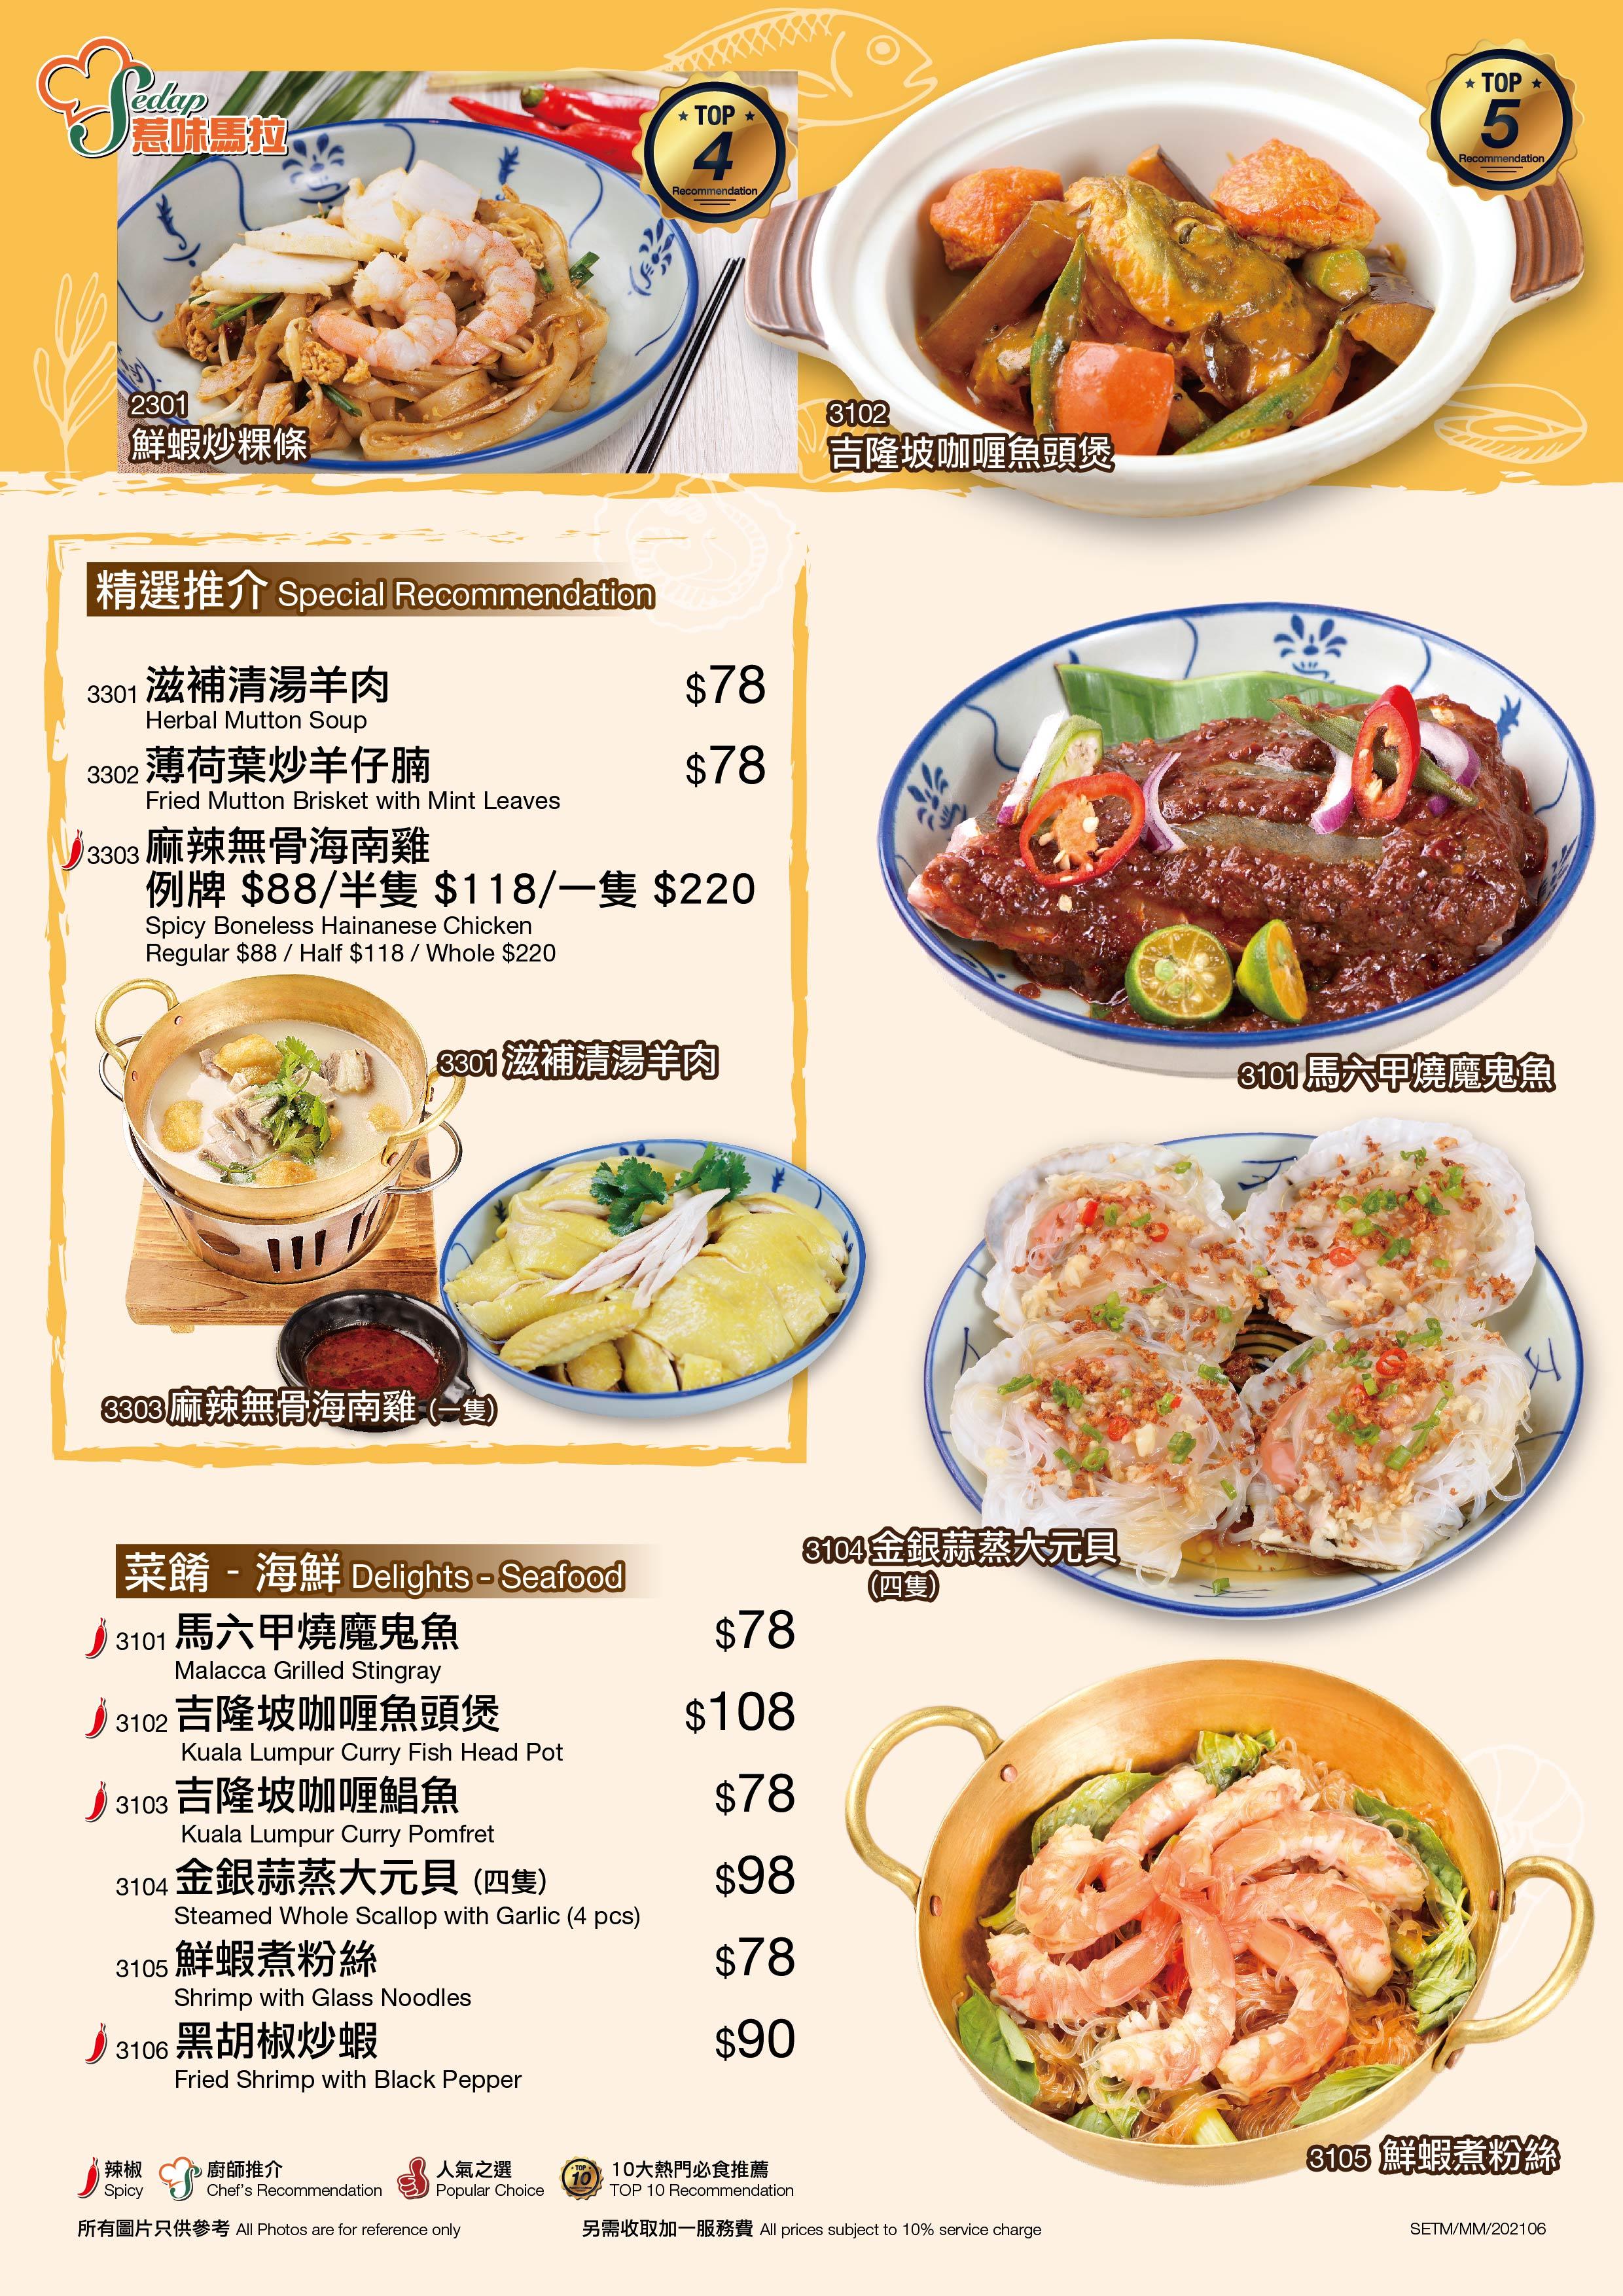 20210603_SETM_Main_Menu_1_P.3_海鮮、肉頪